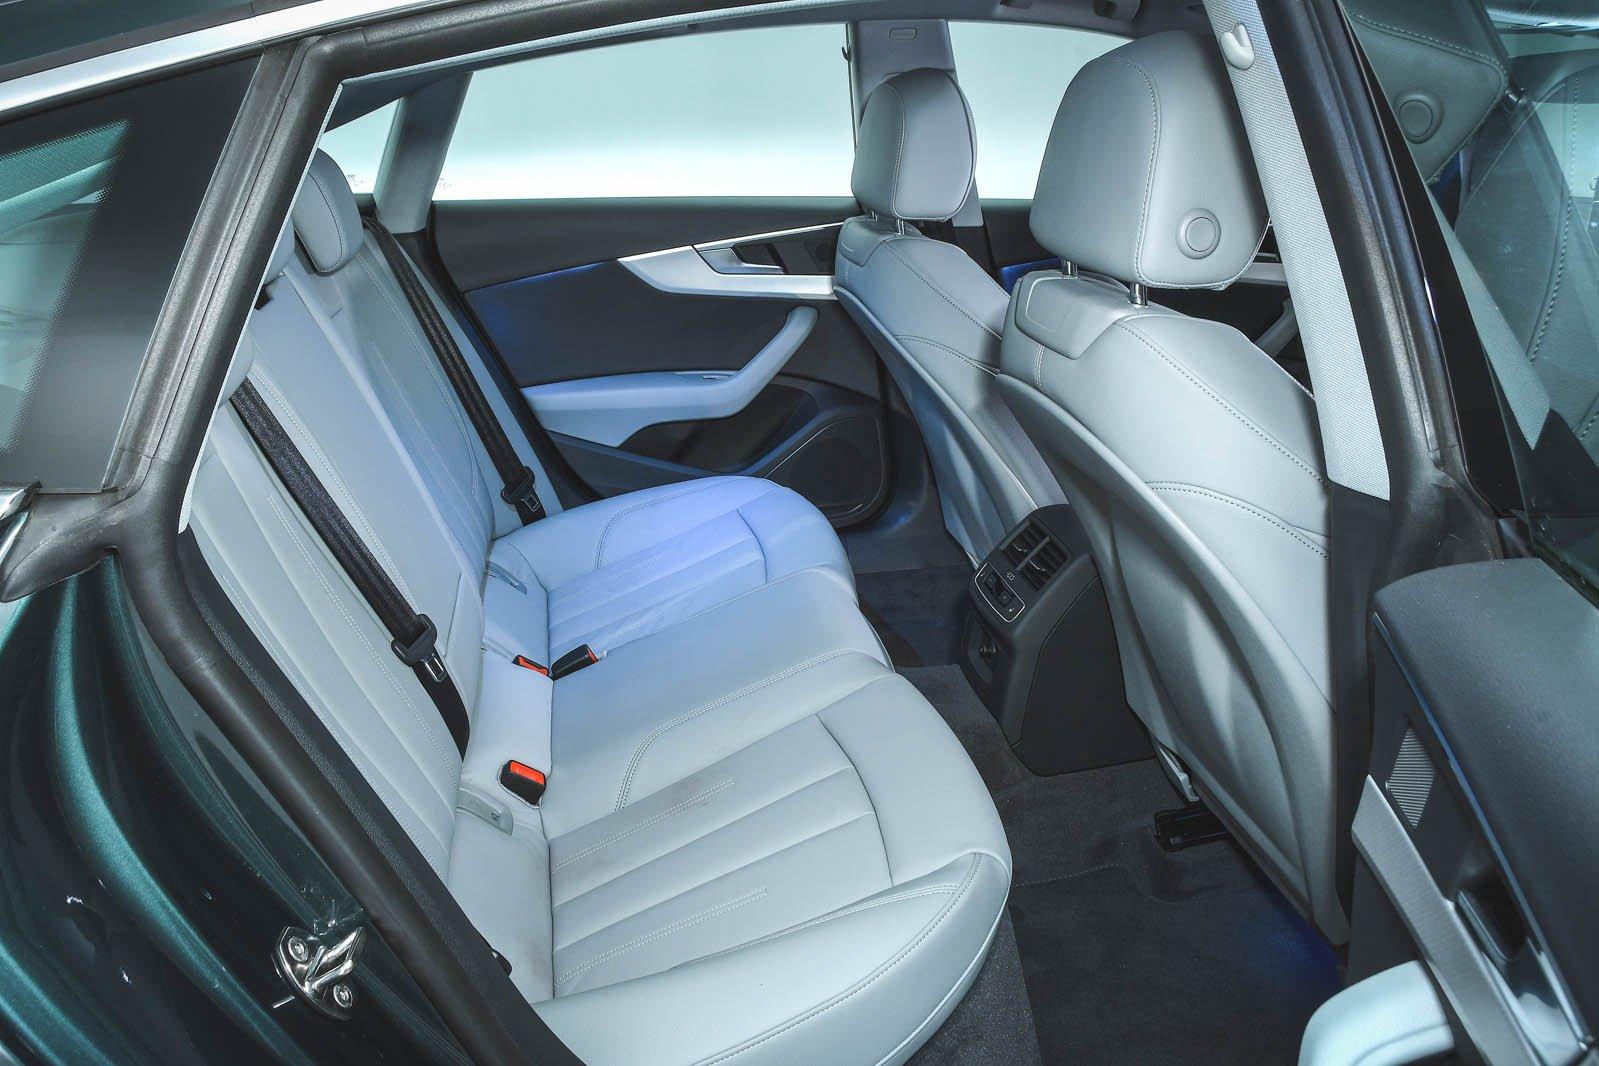 Audi A5 Sportback rear seats